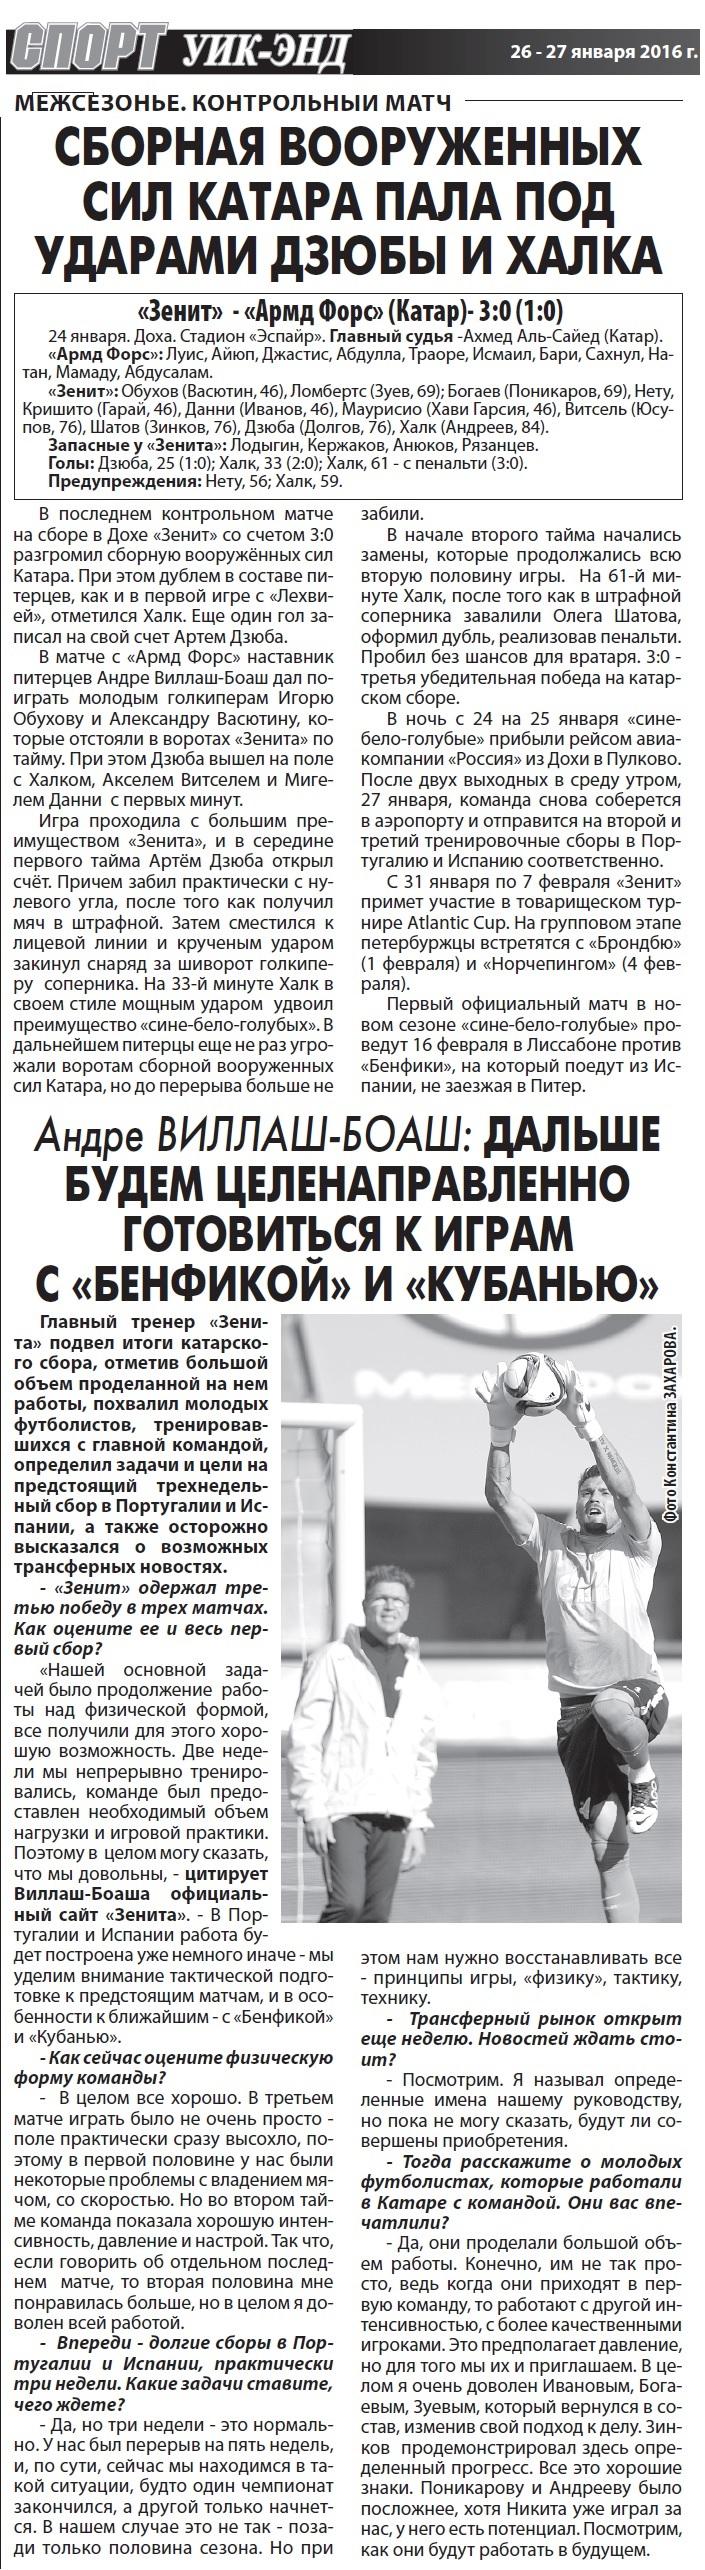 Сборная вооруженных сил Катара - Зенит (Санкт-Петербург) 0:3